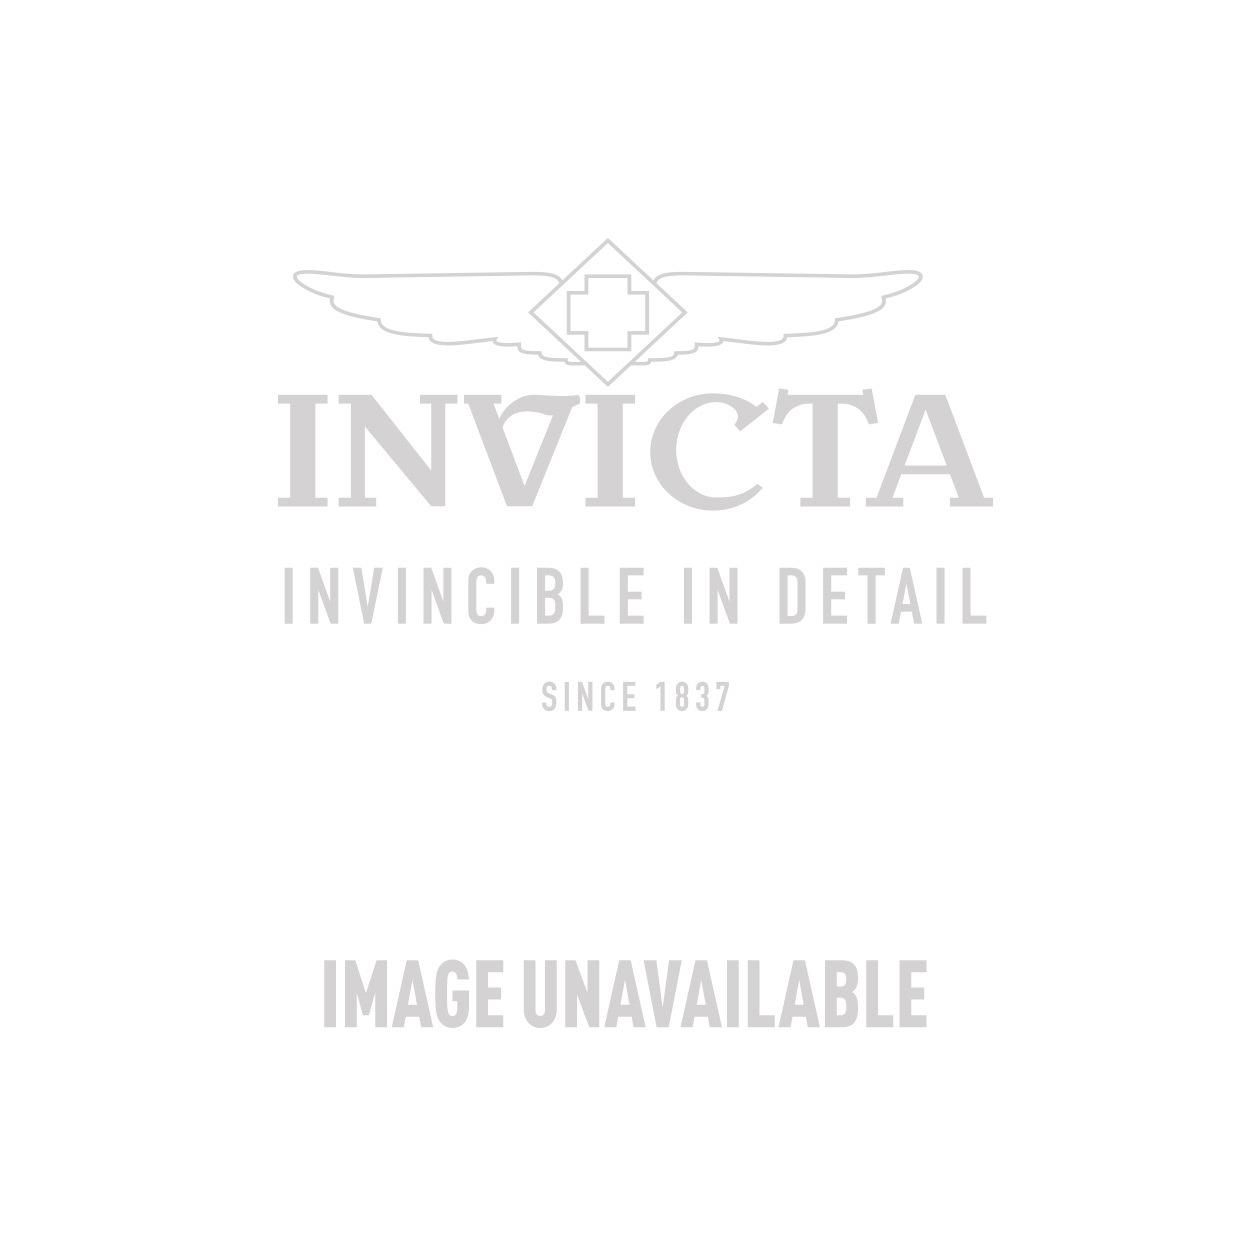 Invicta Model 24725